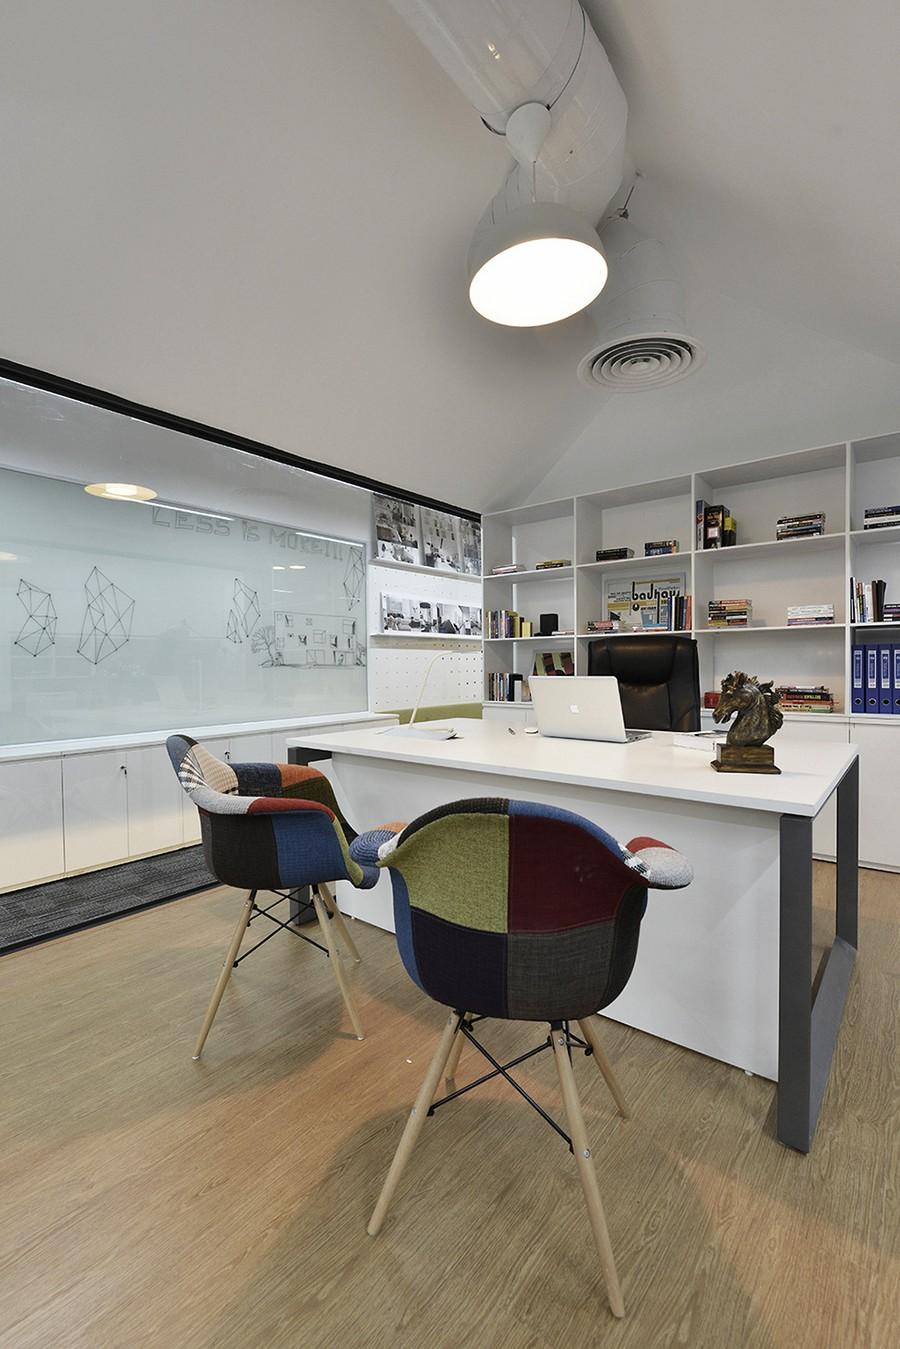 Современный офис помещение по фен шуй